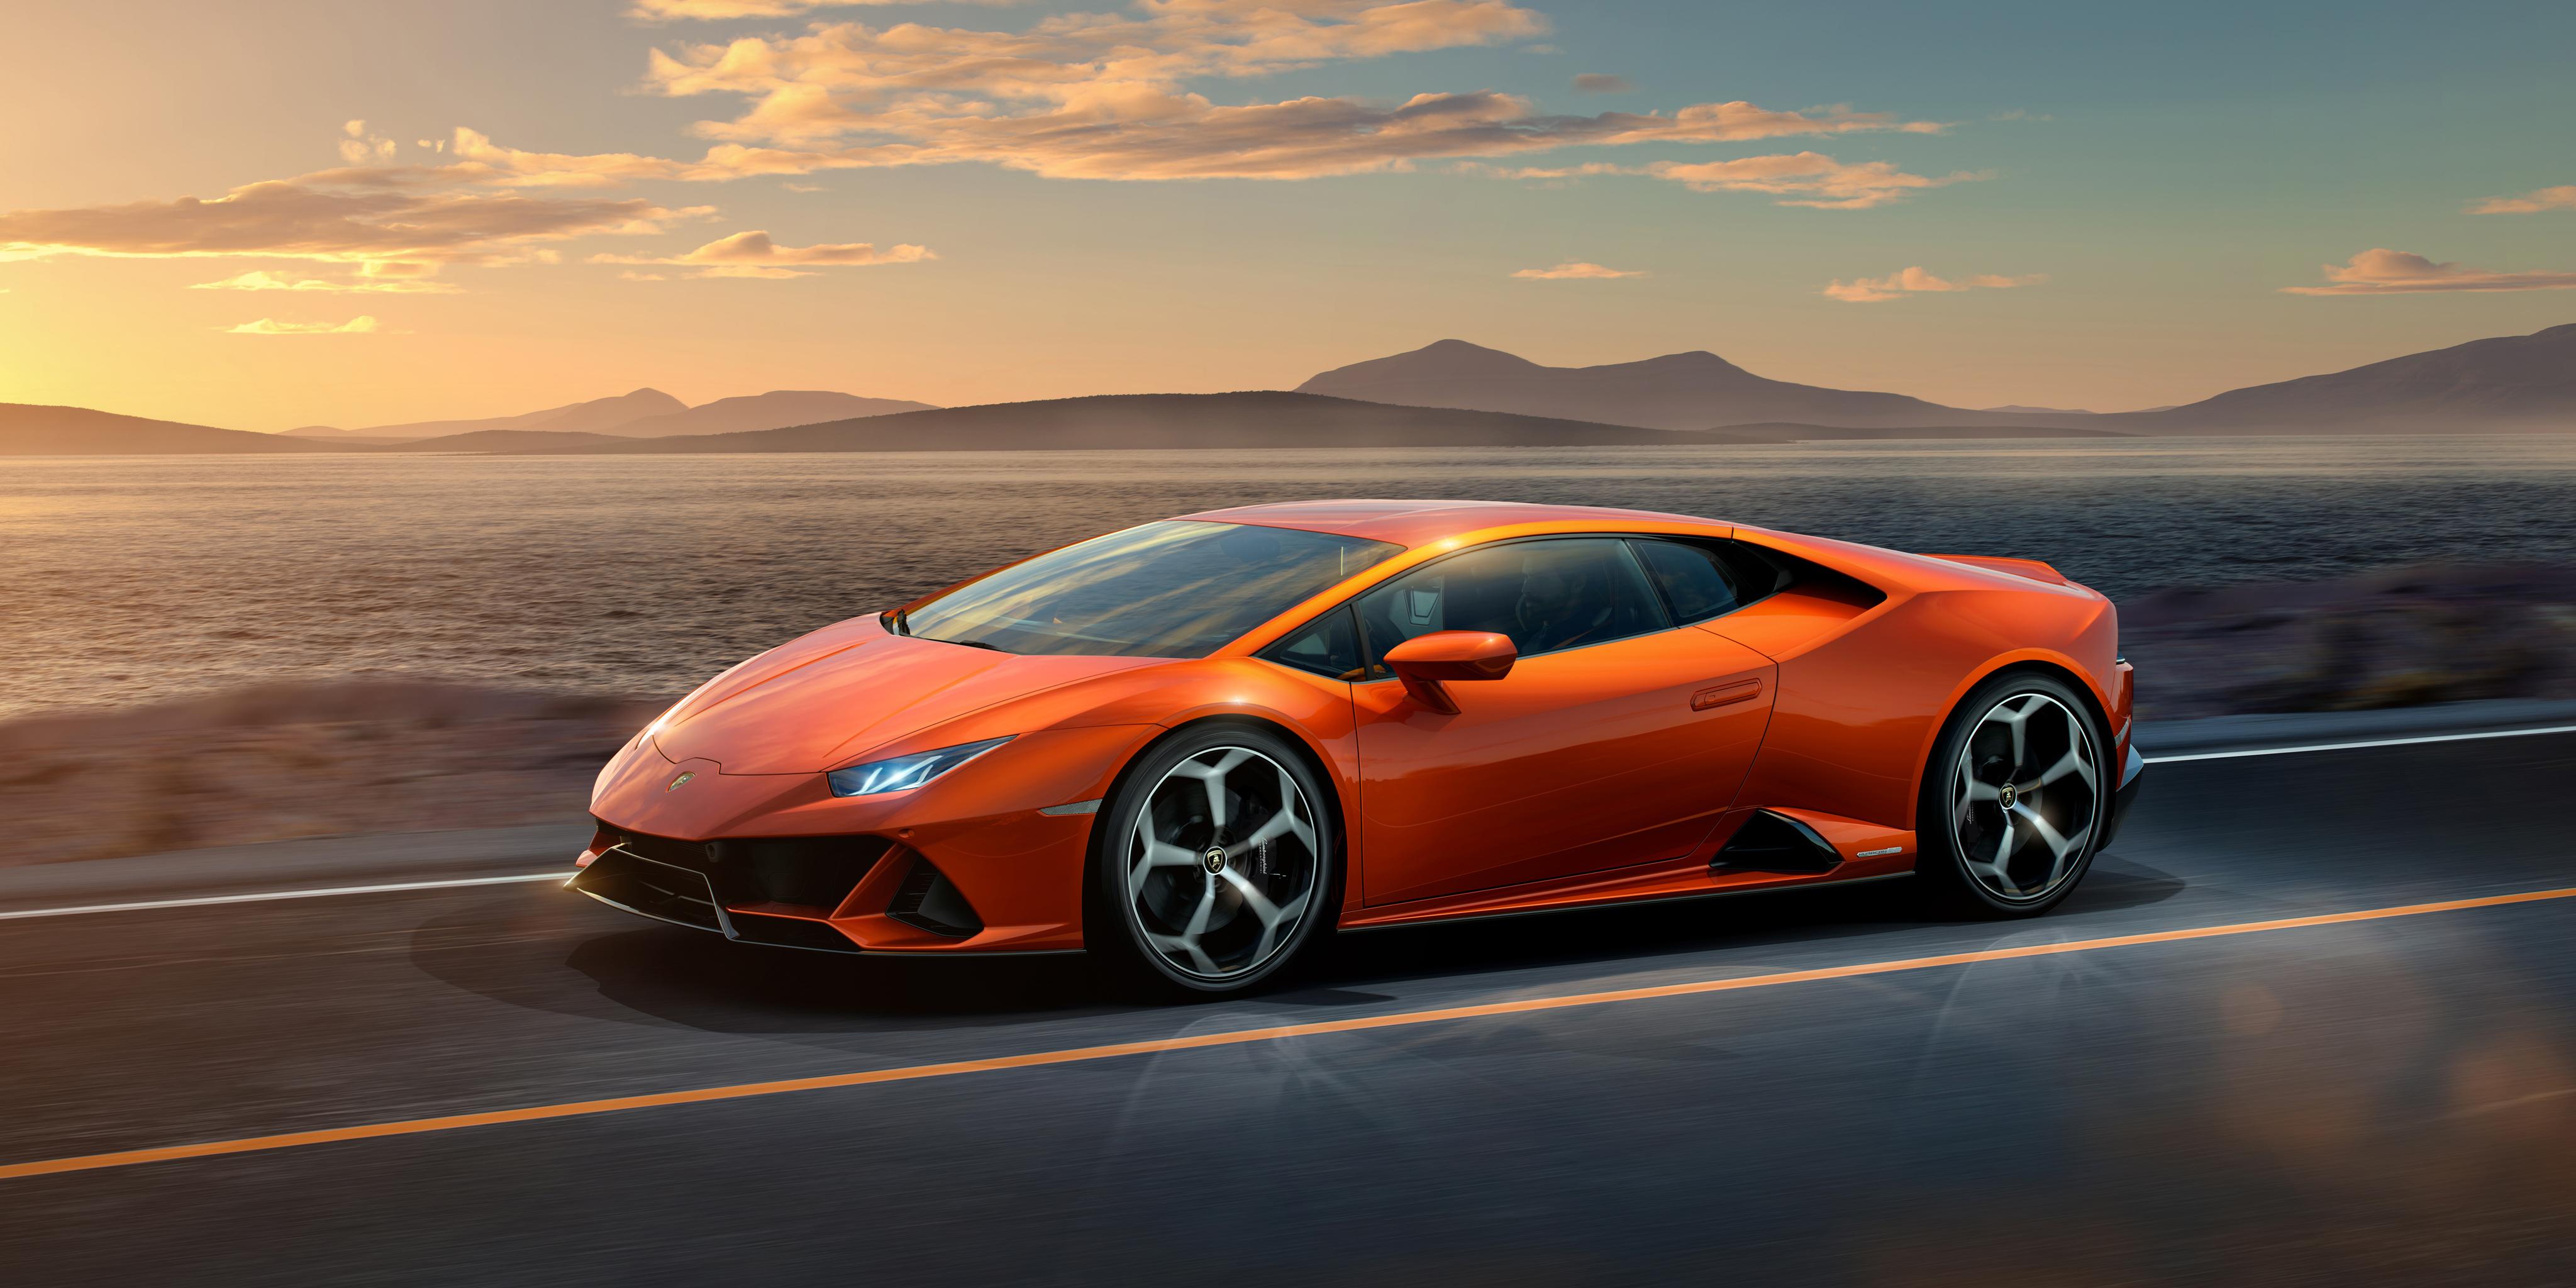 Lamborghini Huracan Evo 2019 Hd Cars 4k Wallpapers Images